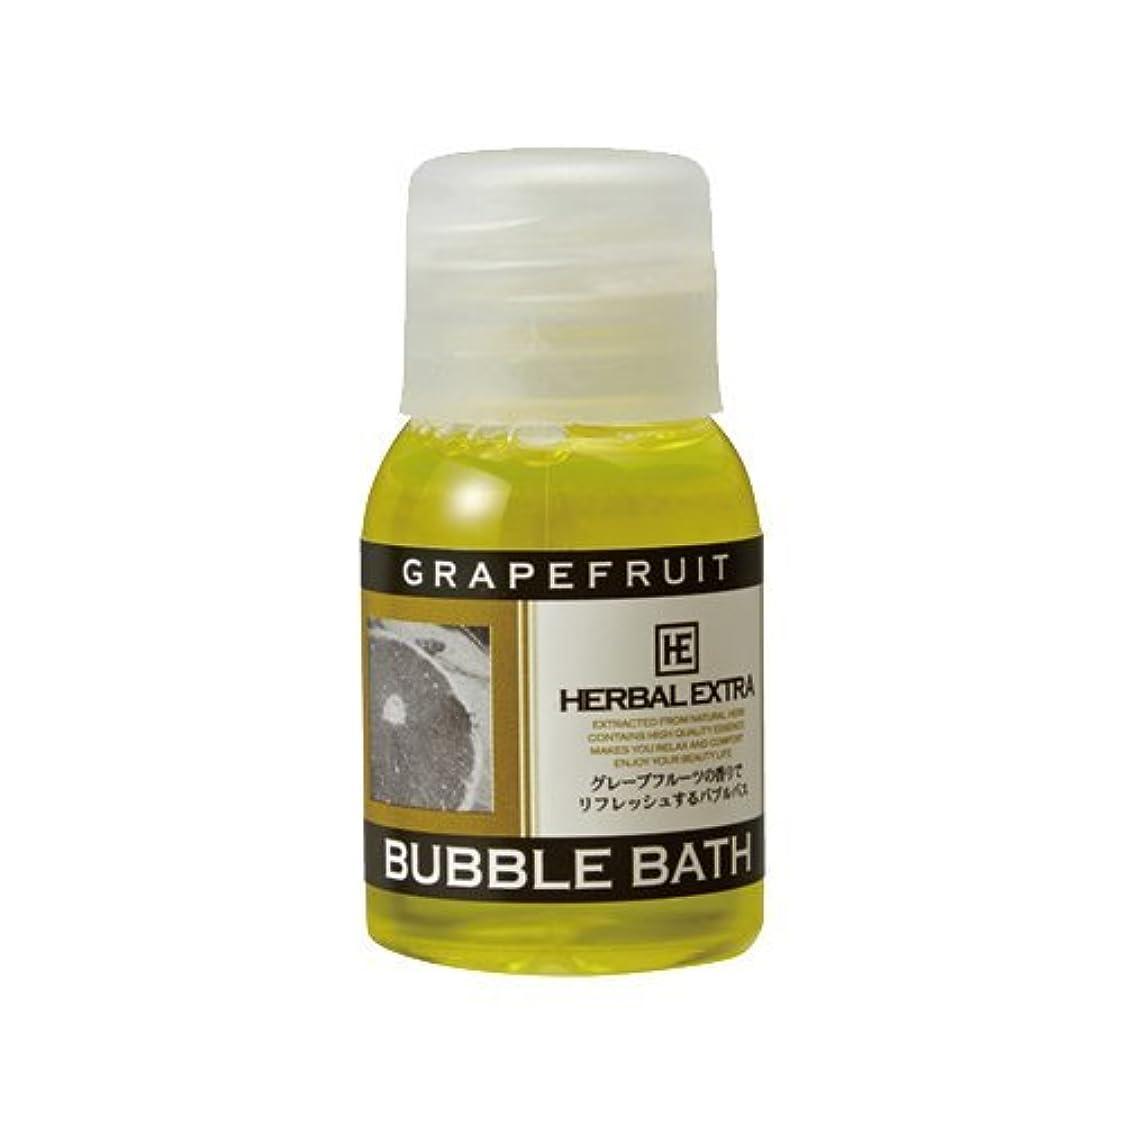 ハーバルエクストラ バブルバス ミニボトル グレープフルーツの香り × 5個セット - ホテルアメニティ 業務用 発泡入浴剤 (BUBBLE BATH)